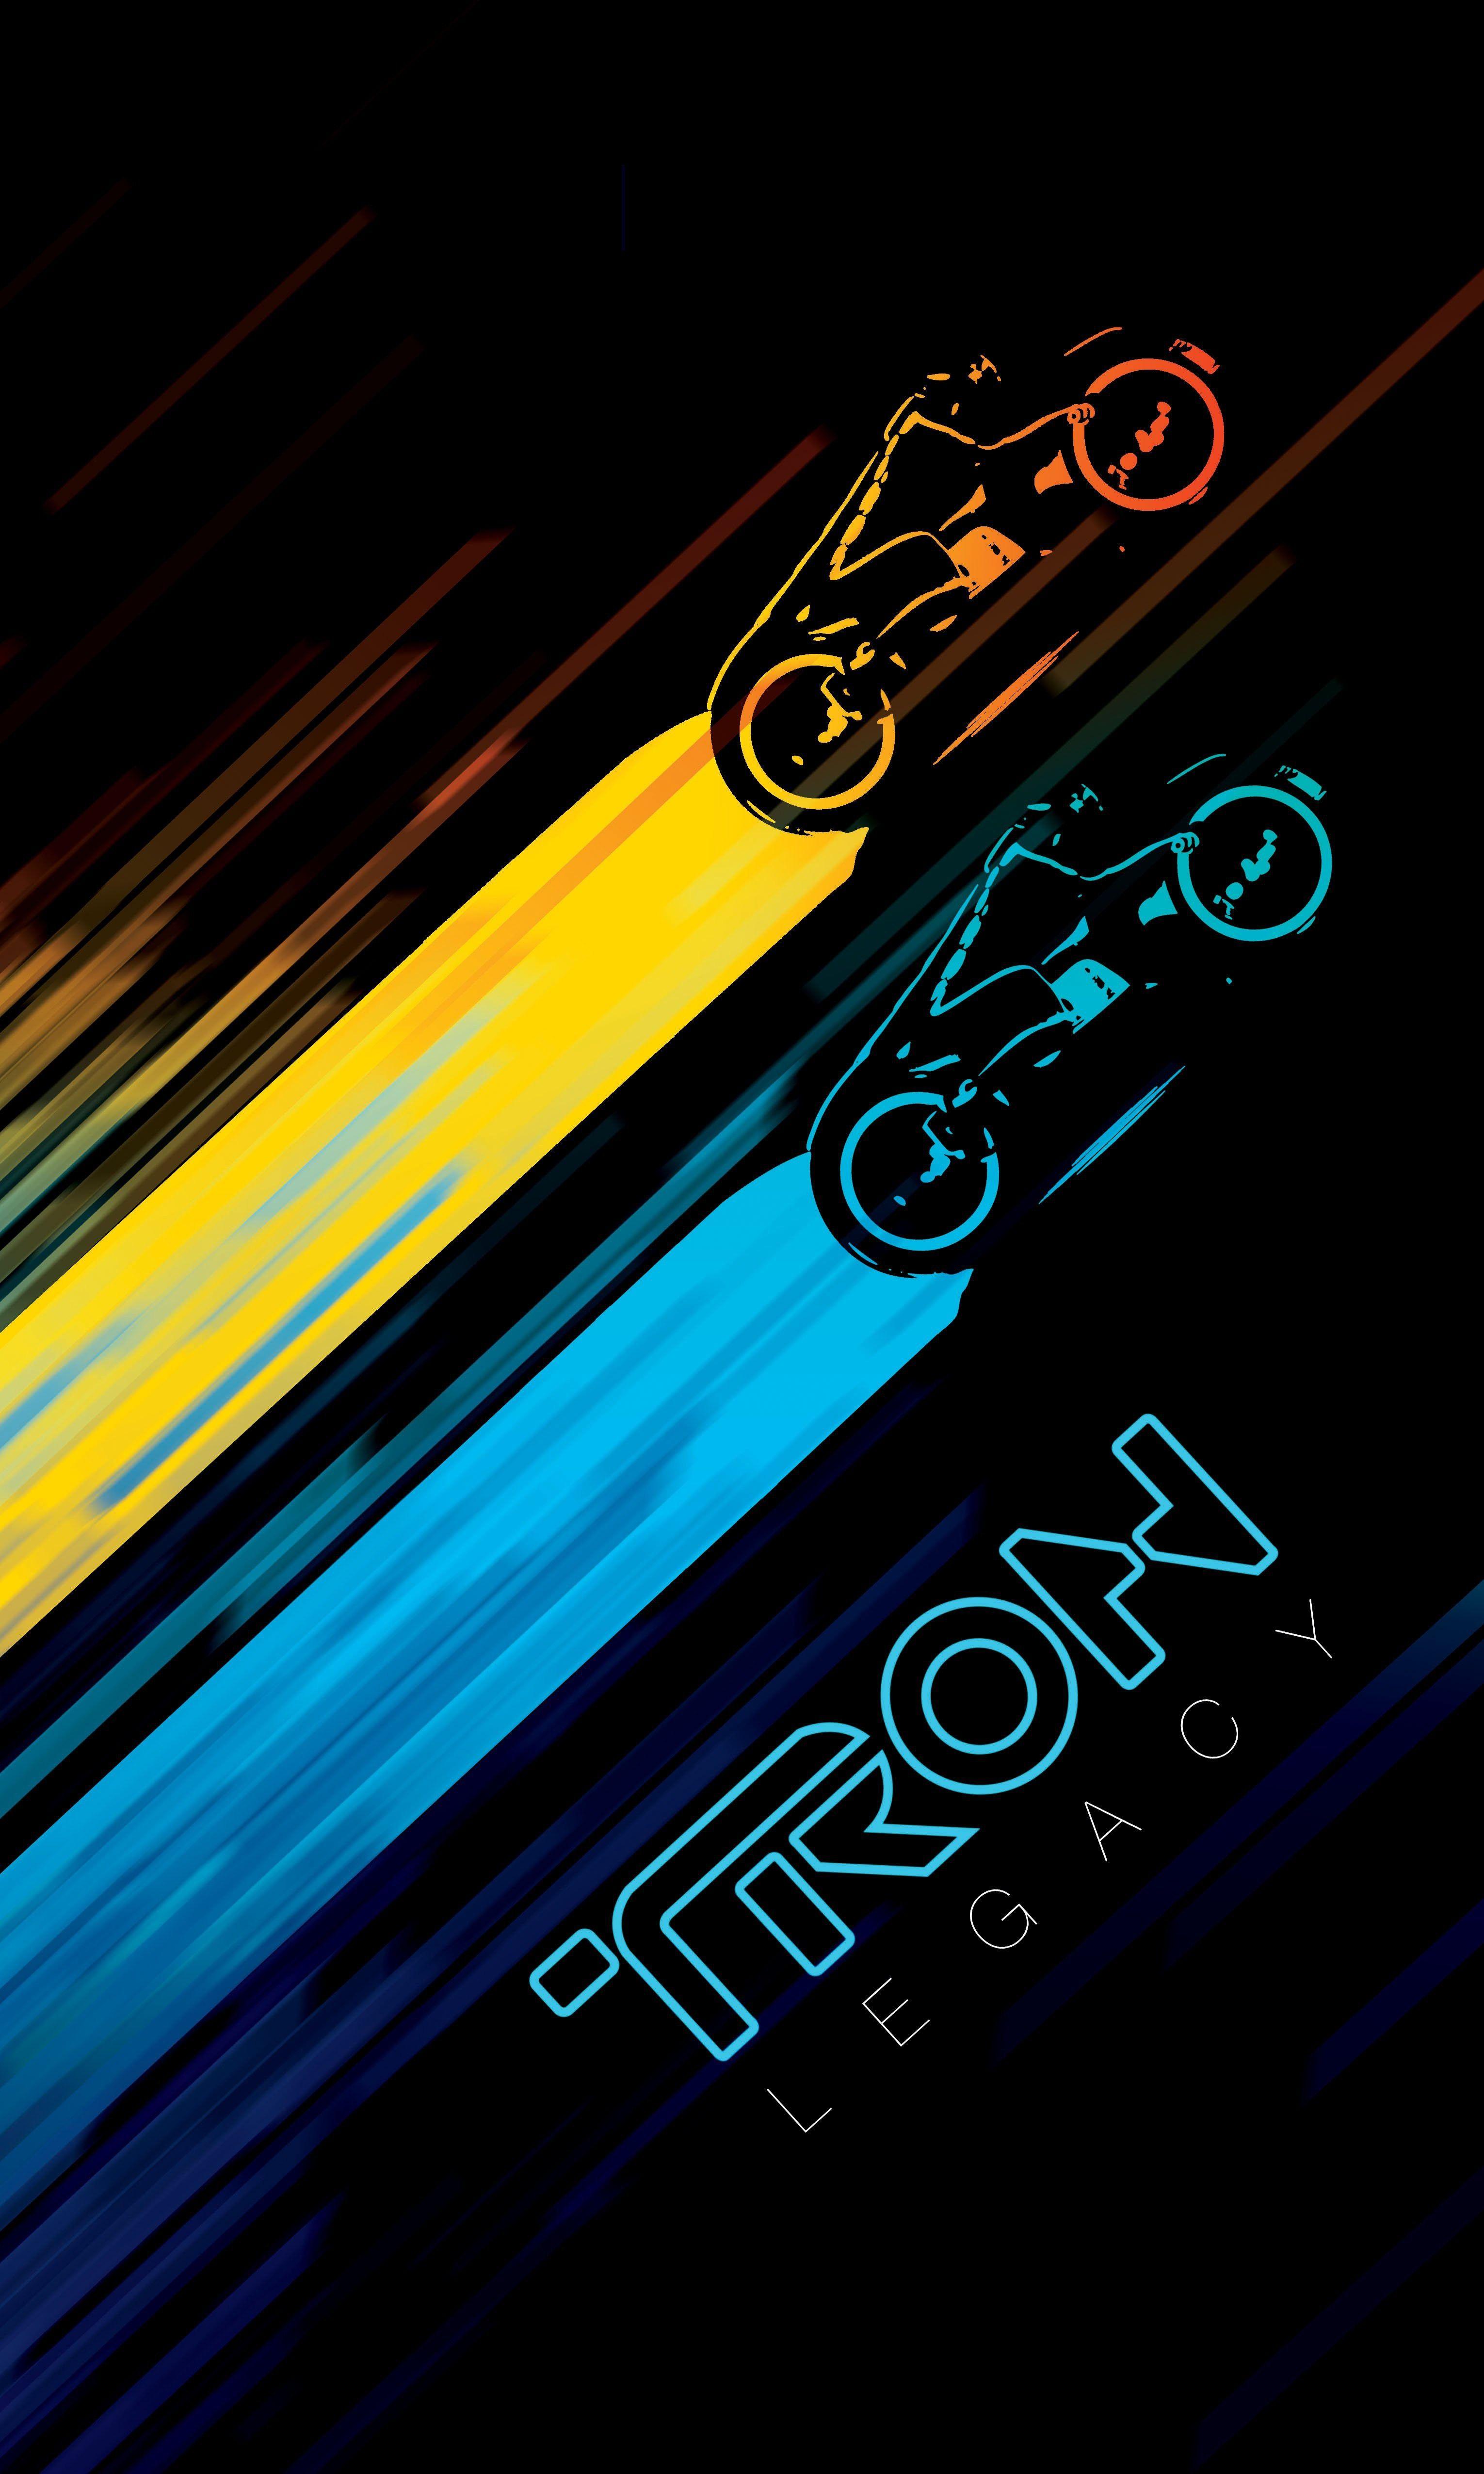 Fond D Ecran Gratuit Tron Tron Art Tron Legacy